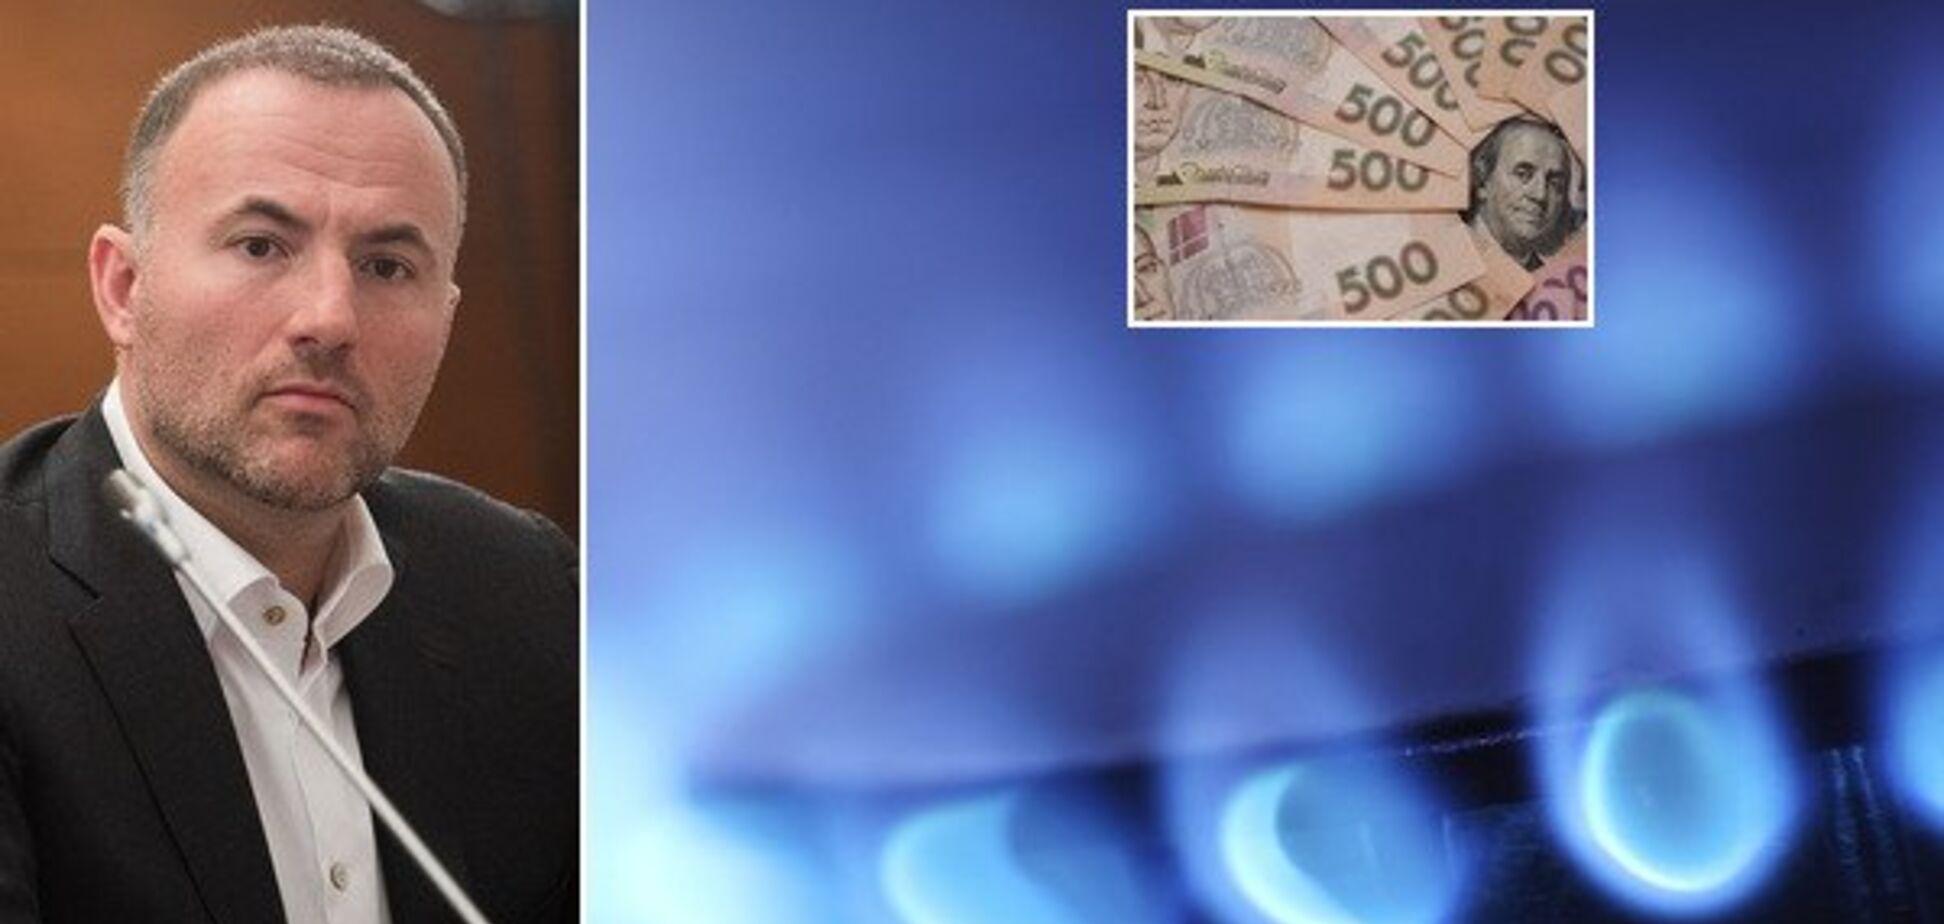 В Україні через схеми Фукса можуть злетіти тарифи на газ: наслідок гібридної війни